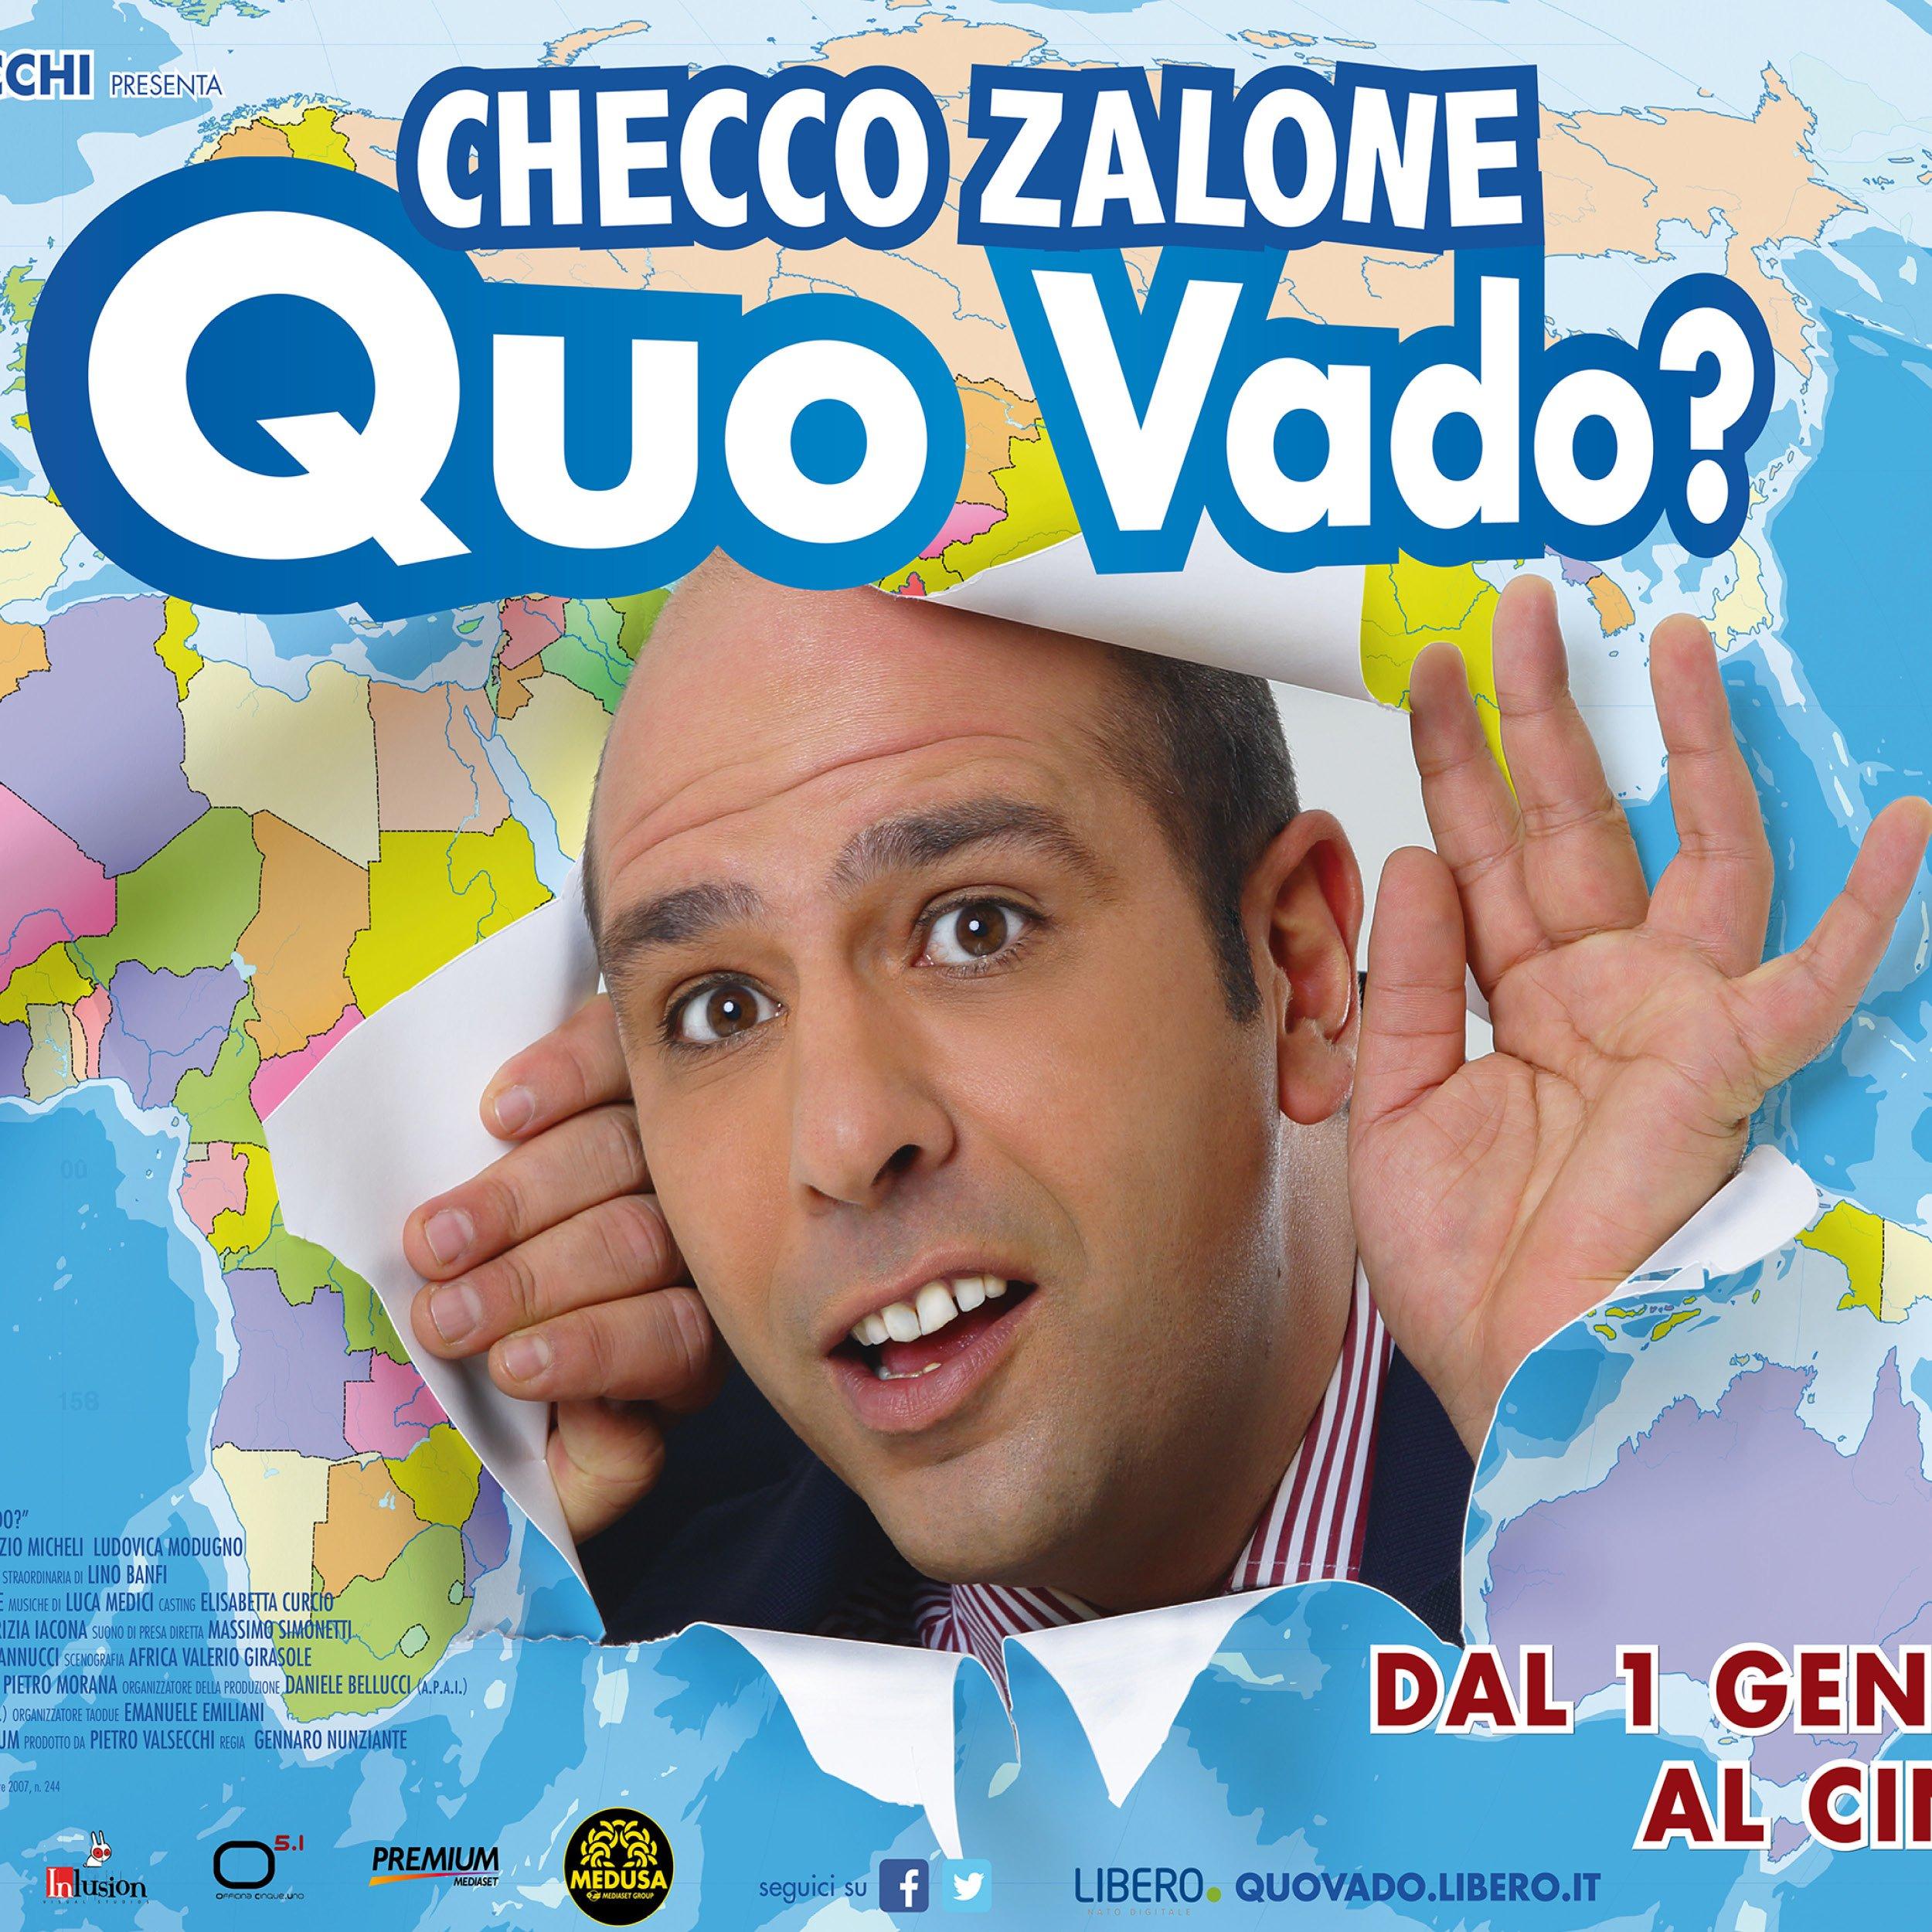 Podcast: Checco Zalone